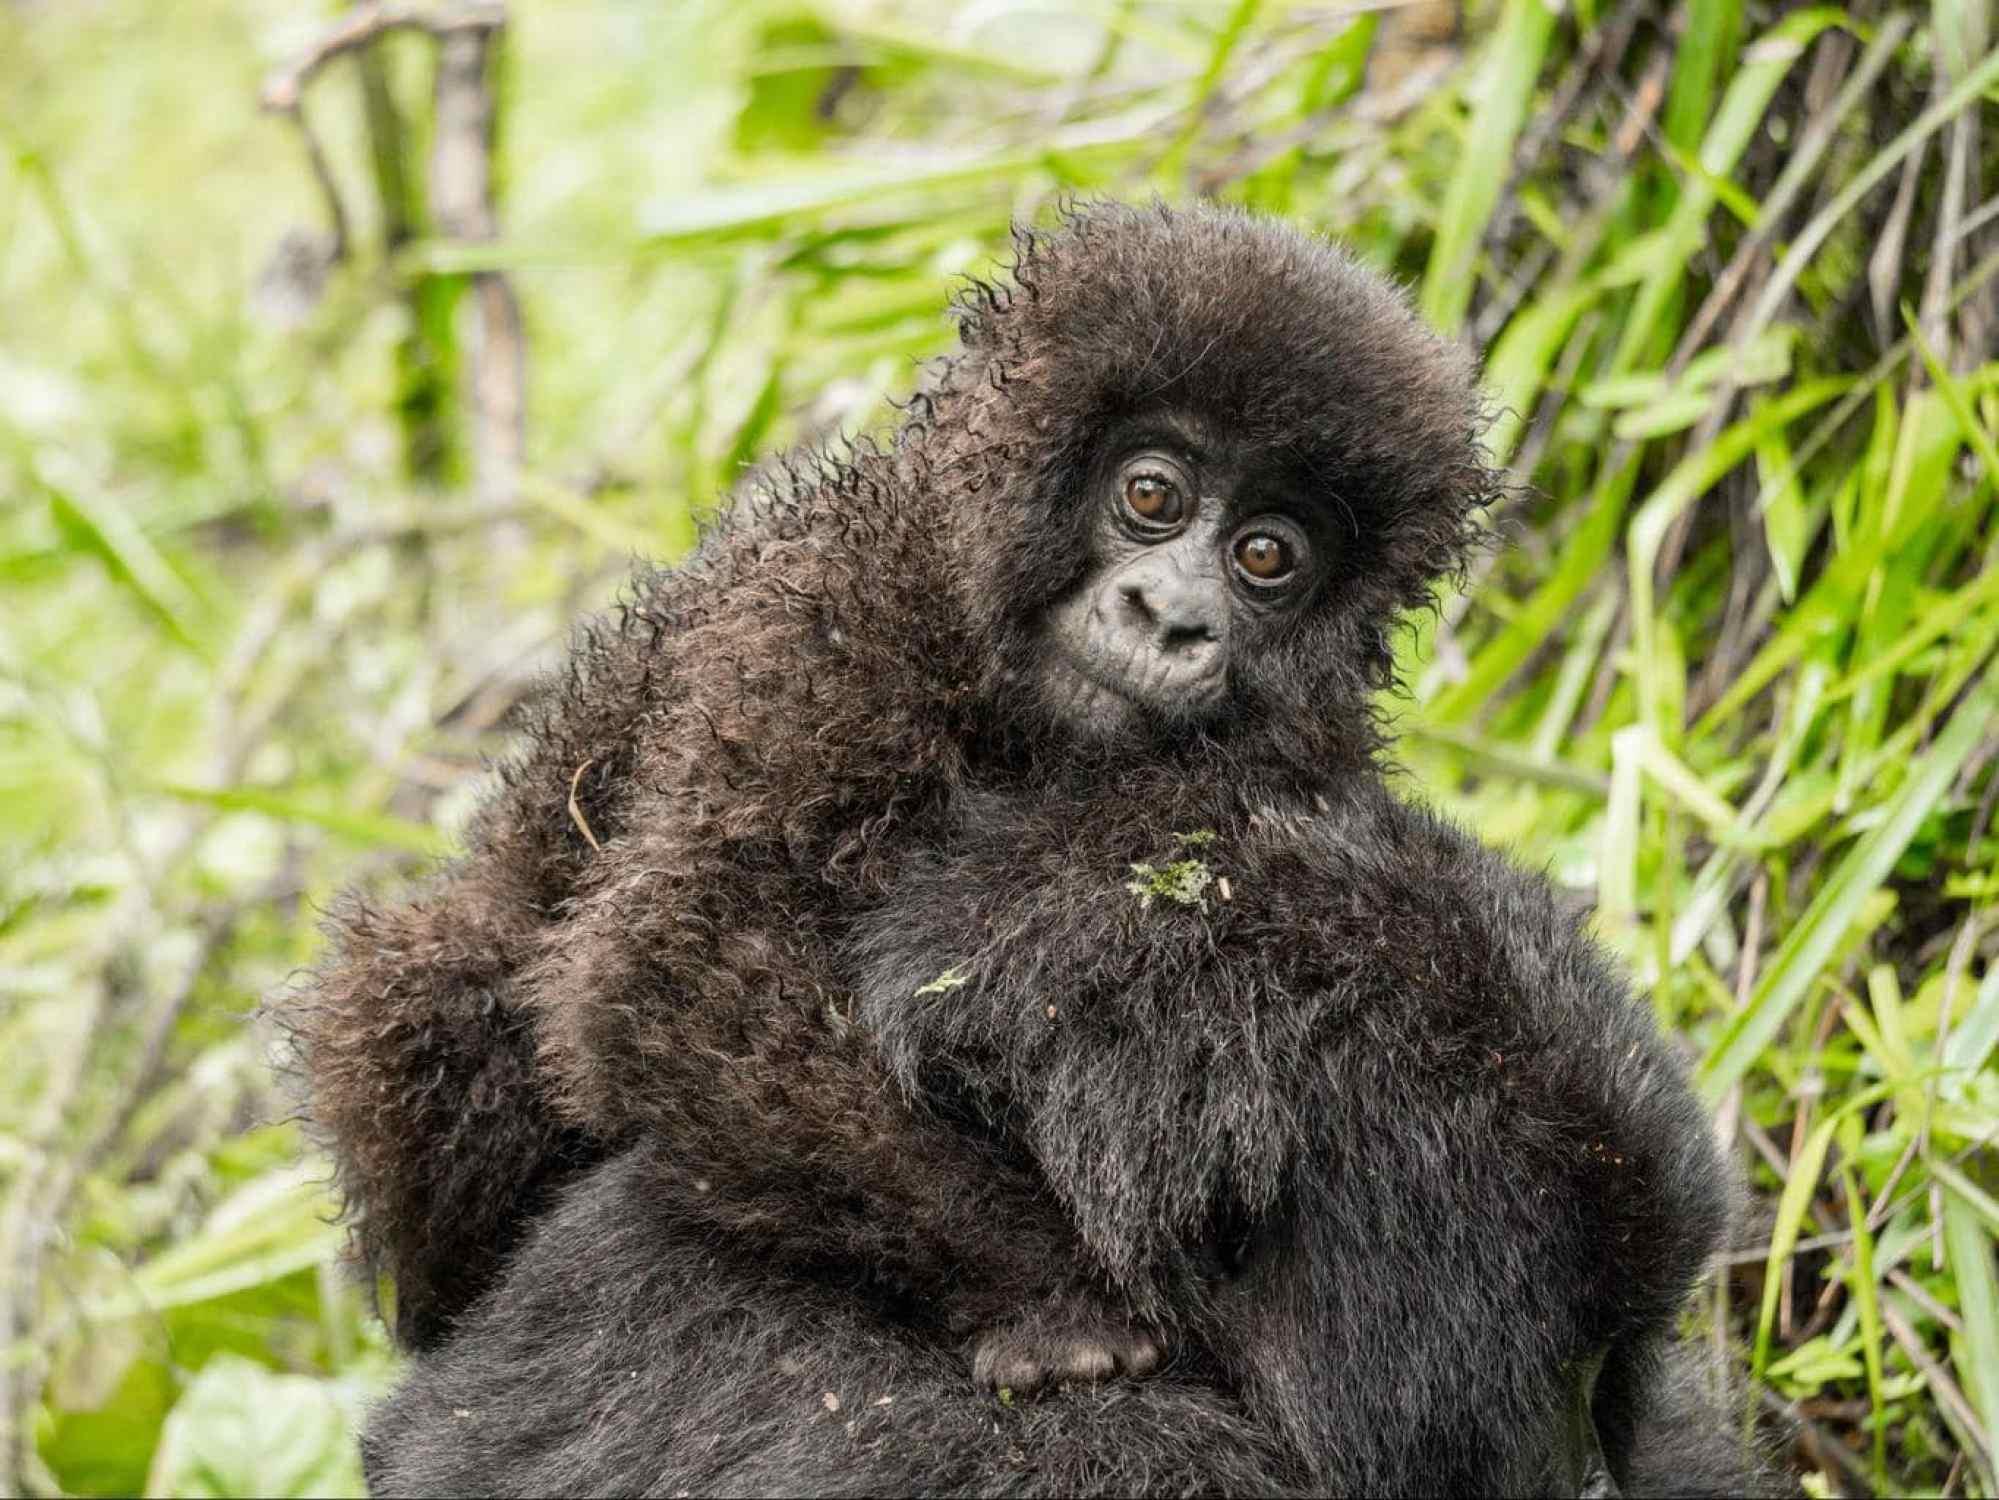 A baby mountain gorilla